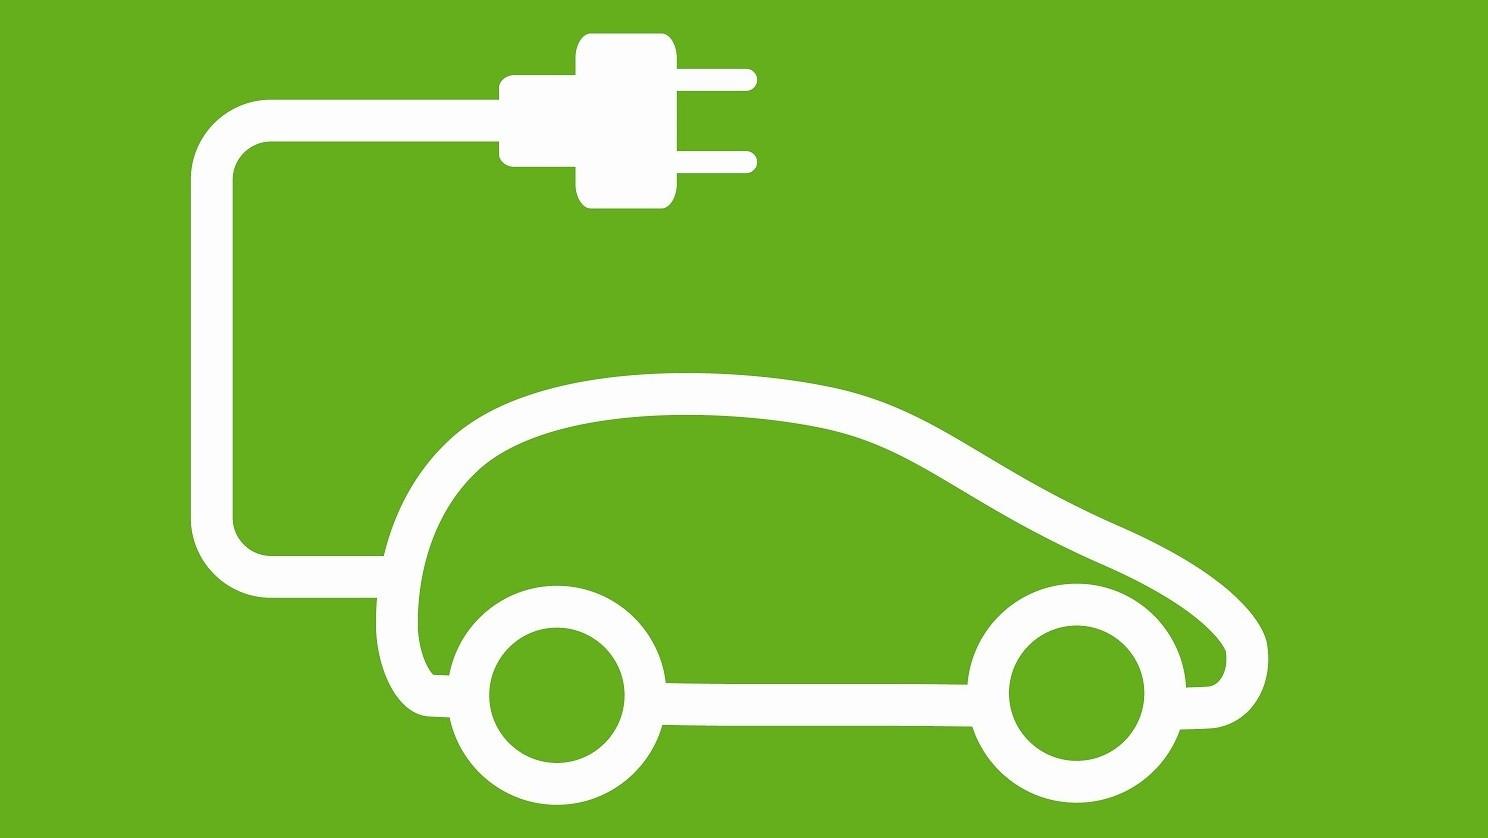 Falsi miti sull'auto elettrica